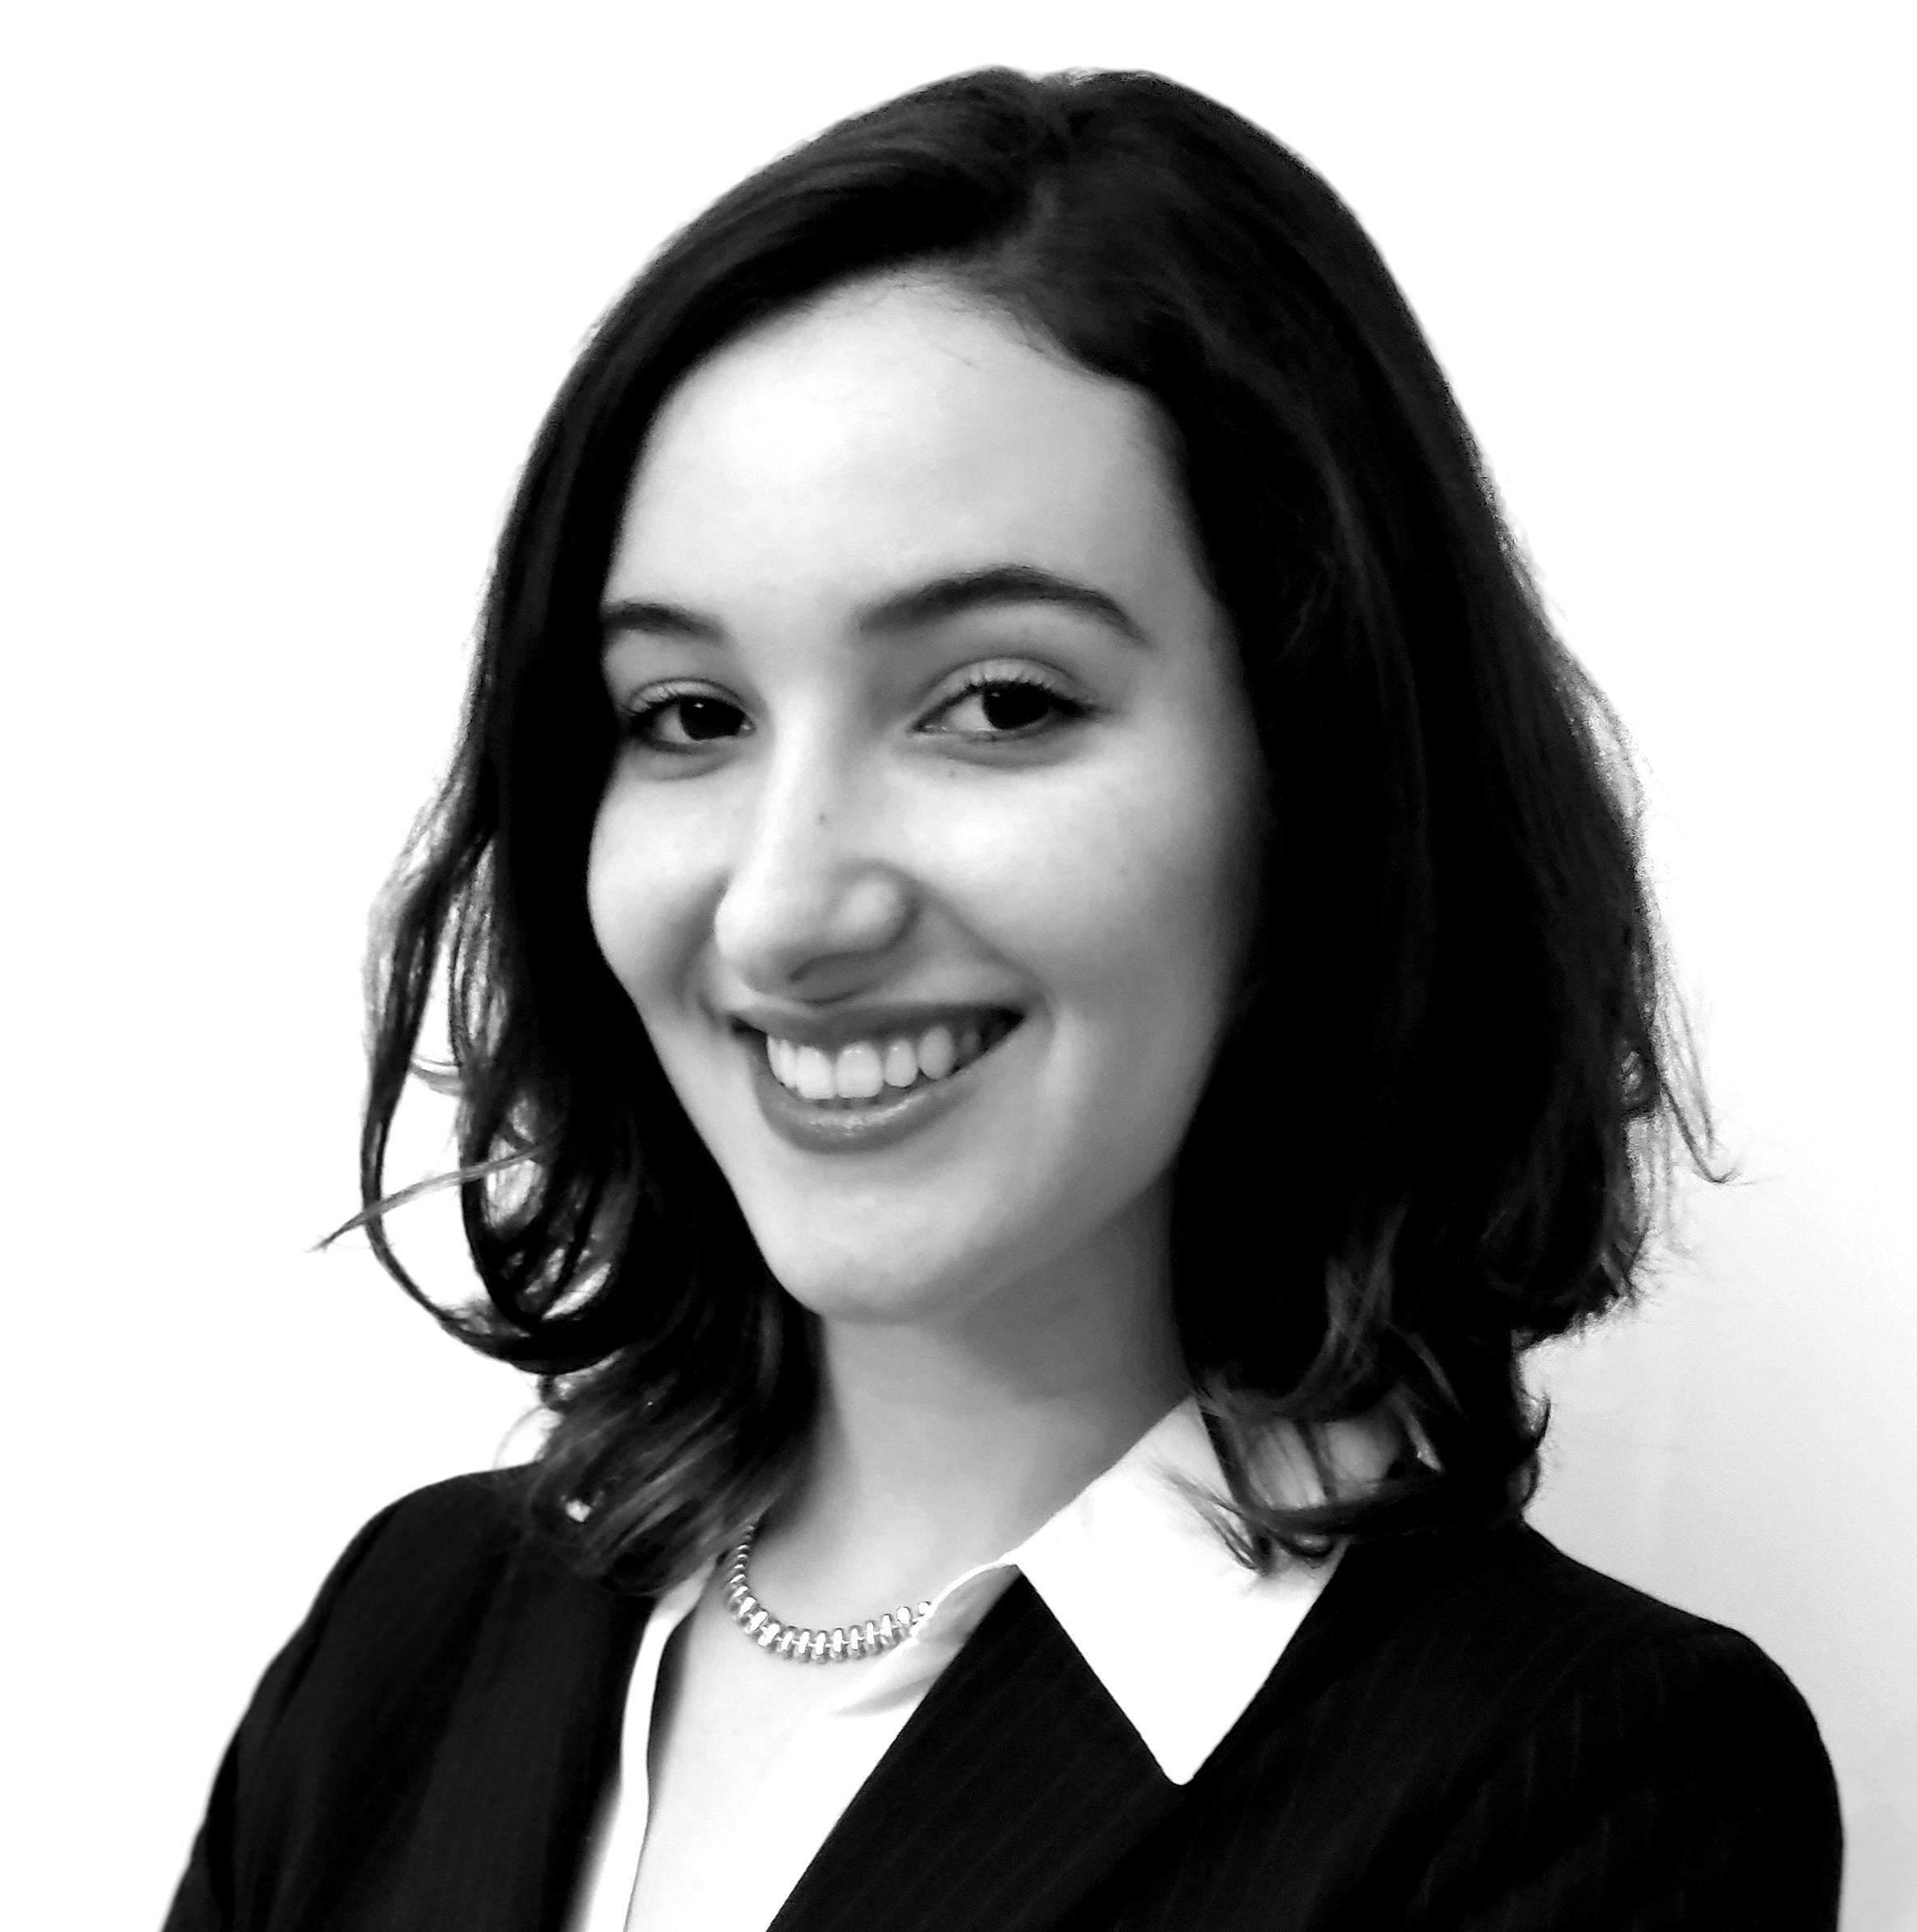 Victoria Magnani de Oliveira Nogueira